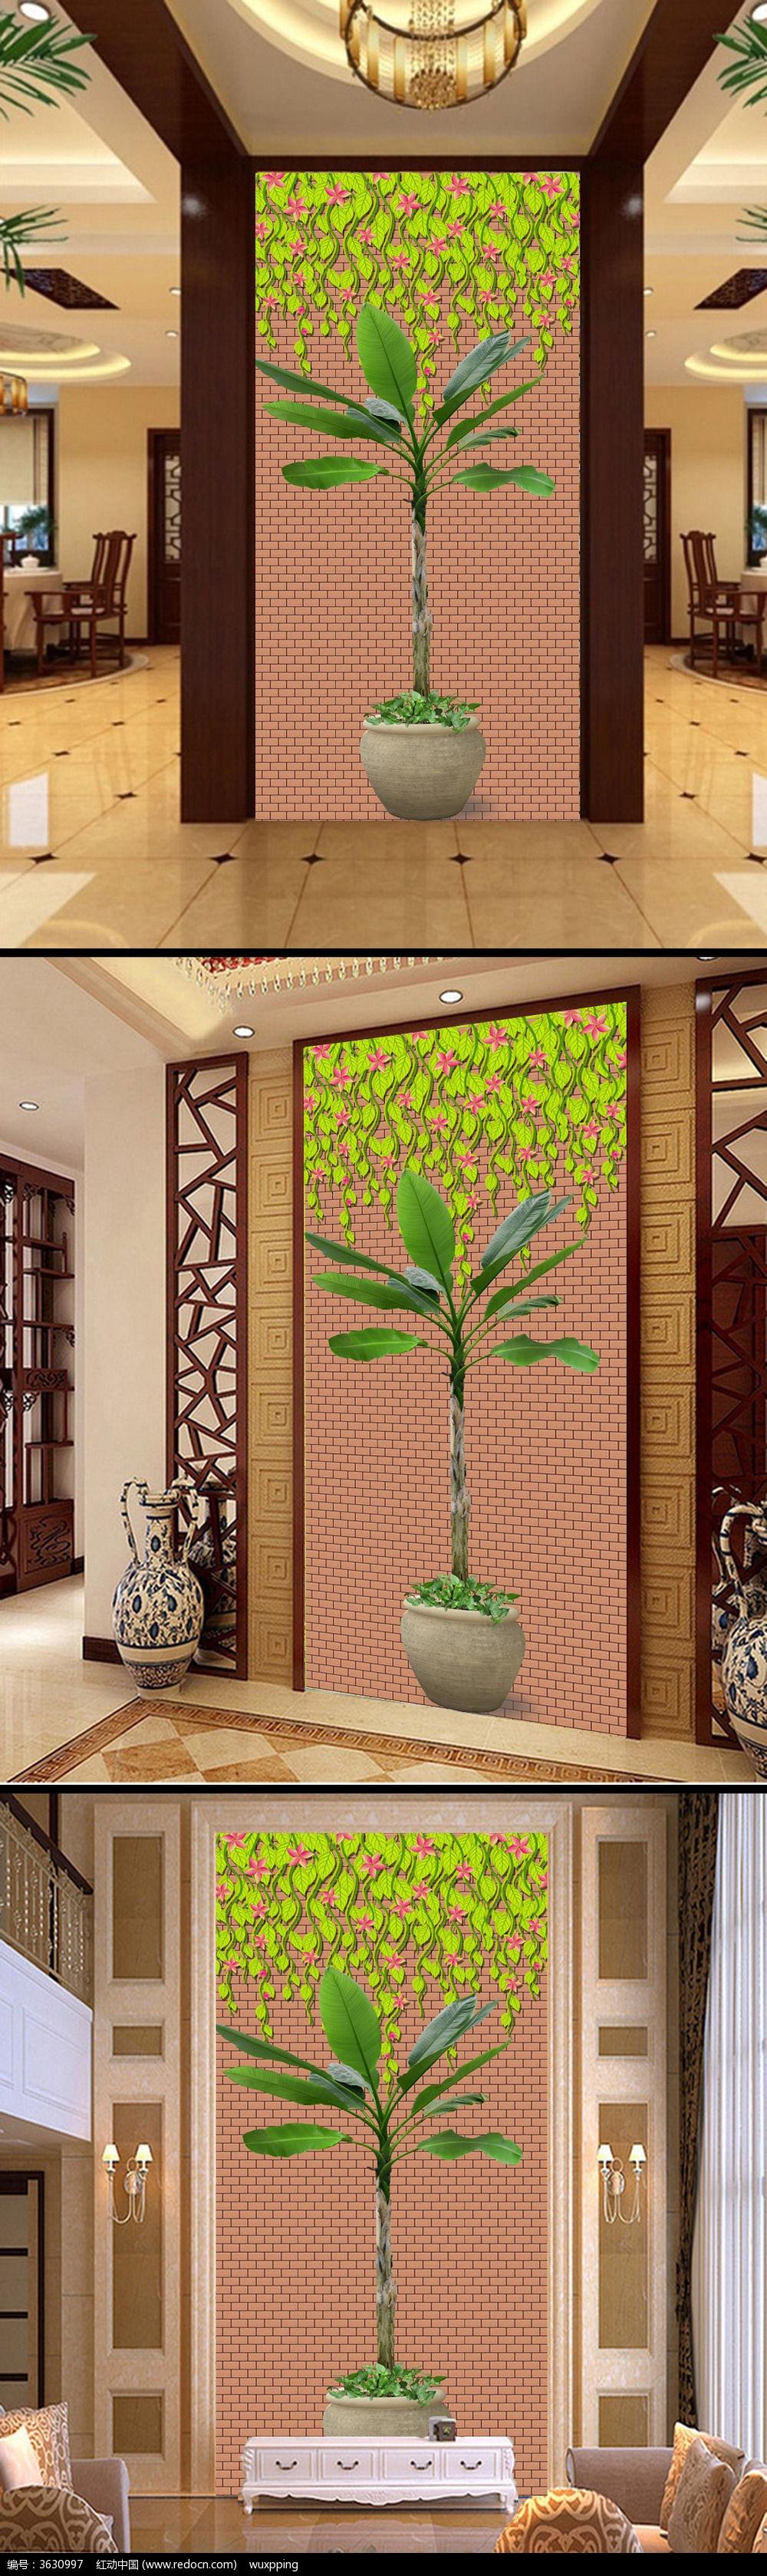 原创设计稿 装饰画/电视背景墙 玄关隔断 特色树木盆栽艺术园艺景观